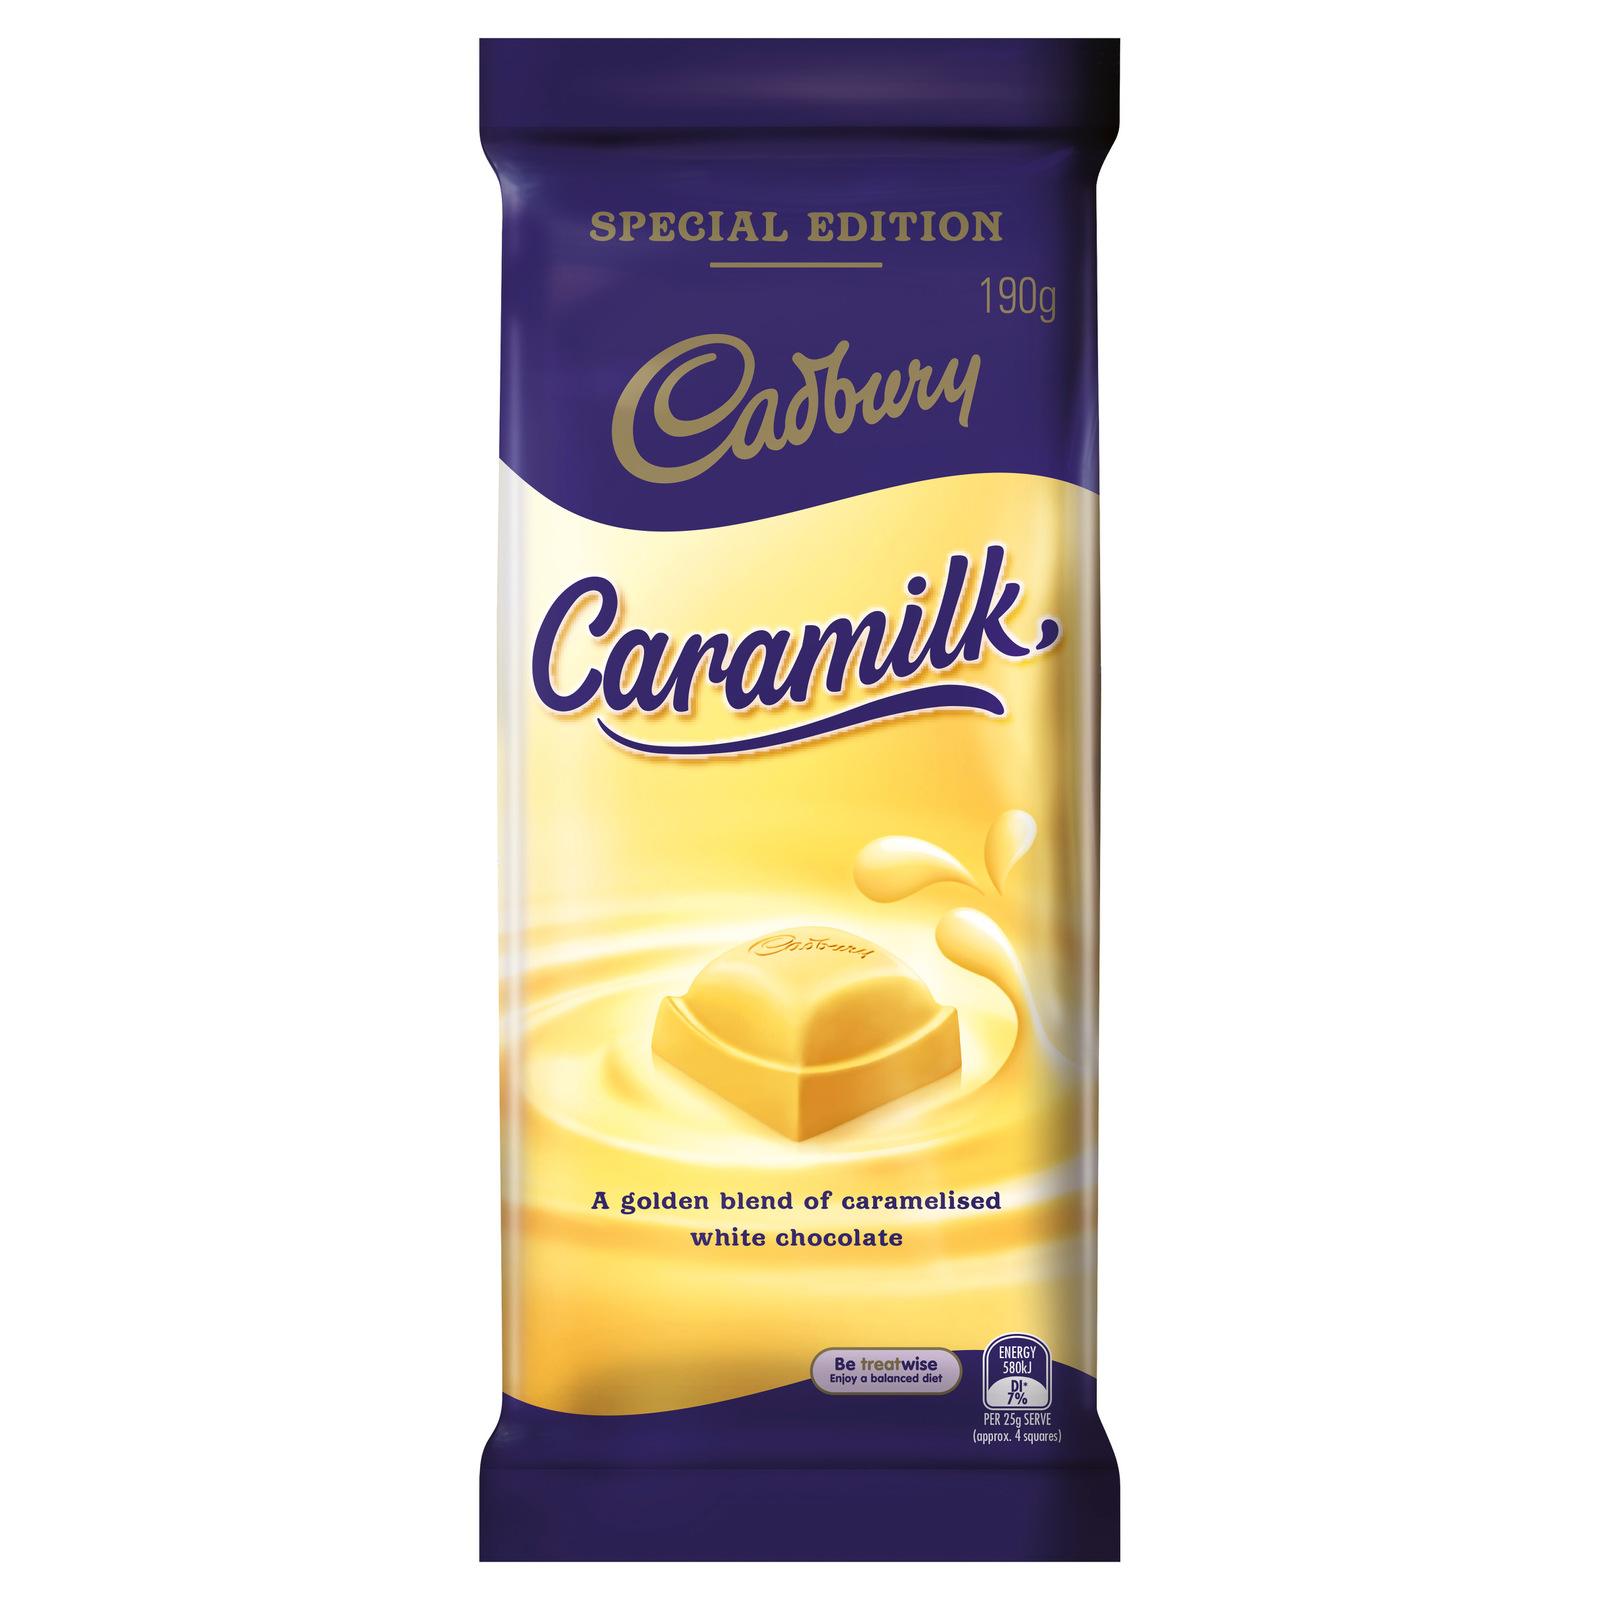 Cadbury Caramilk Chocolate 190g image